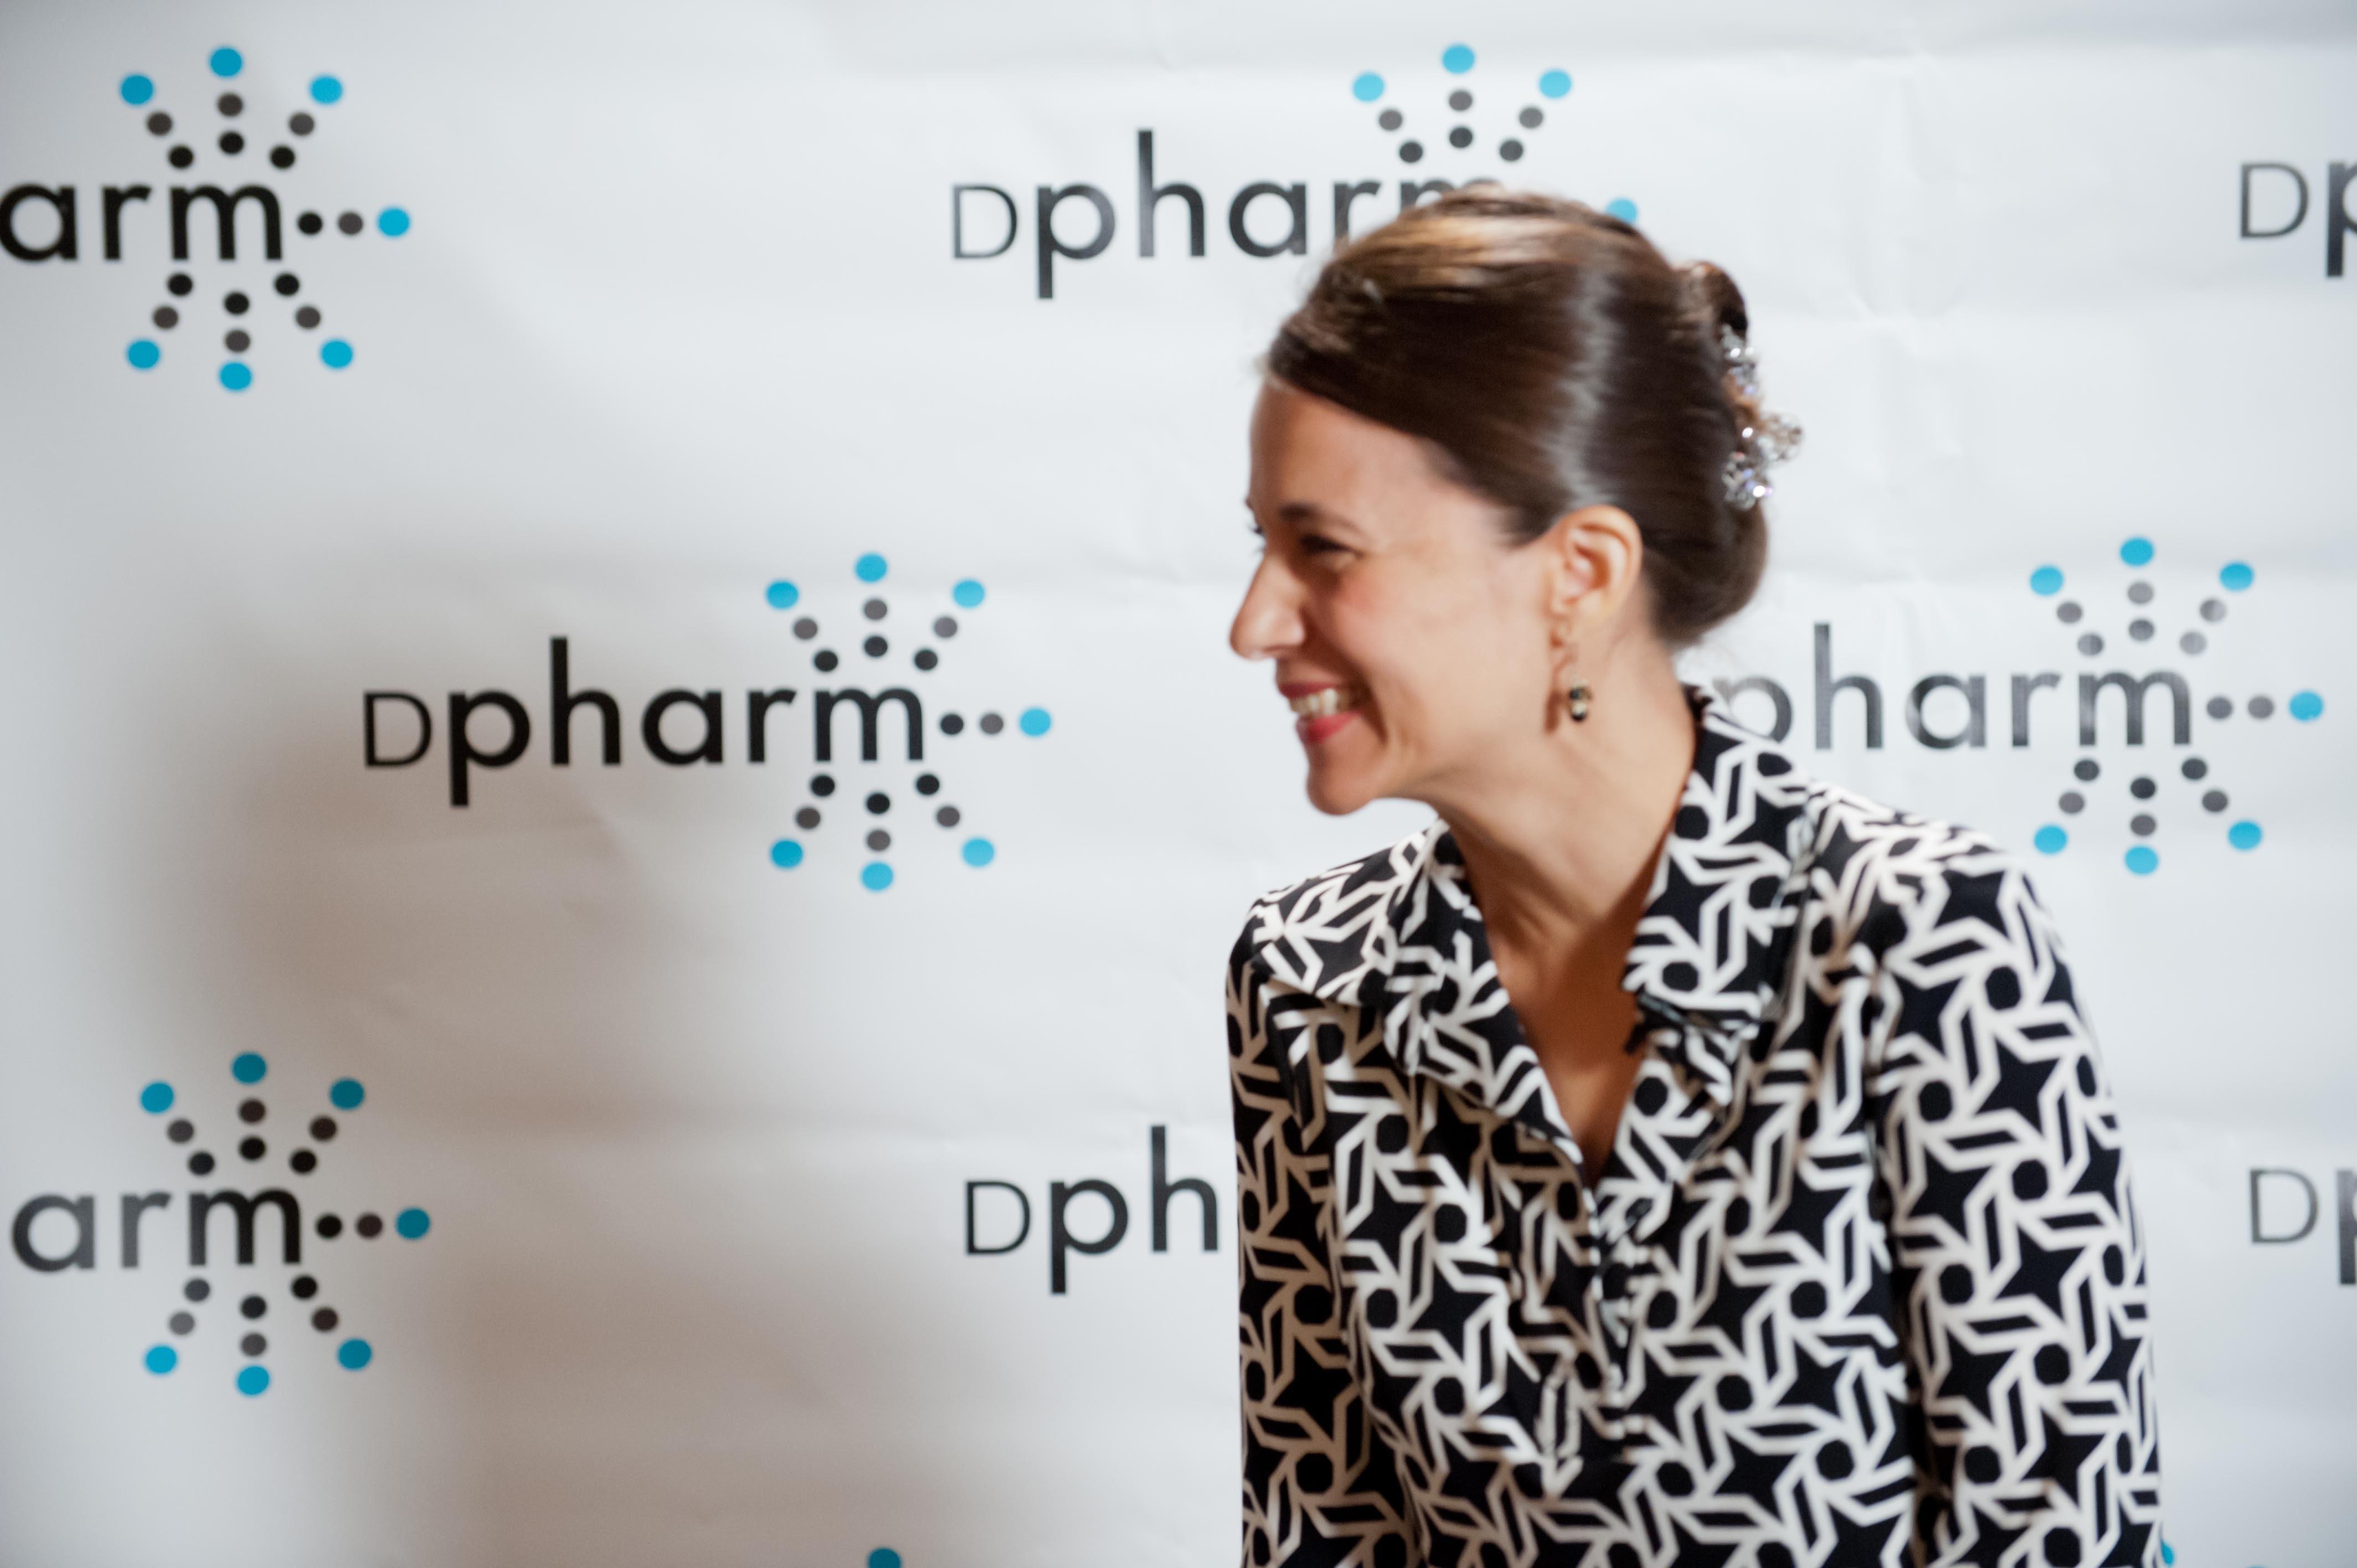 Valerie DPharm